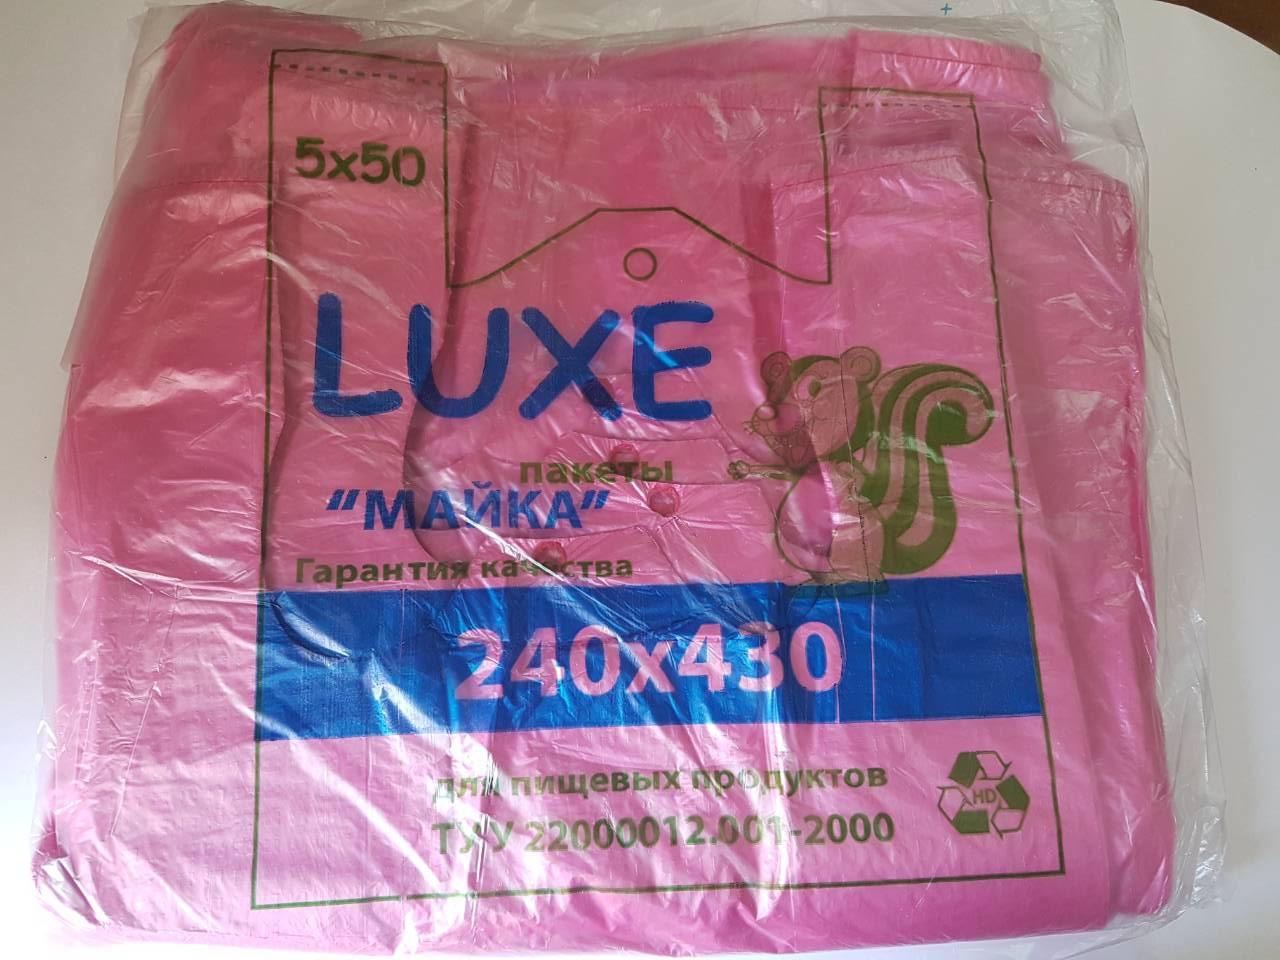 Пакет полиэтиленовый Майка LUXЕ 240*430мм (24*43) 250 шт/упаковка